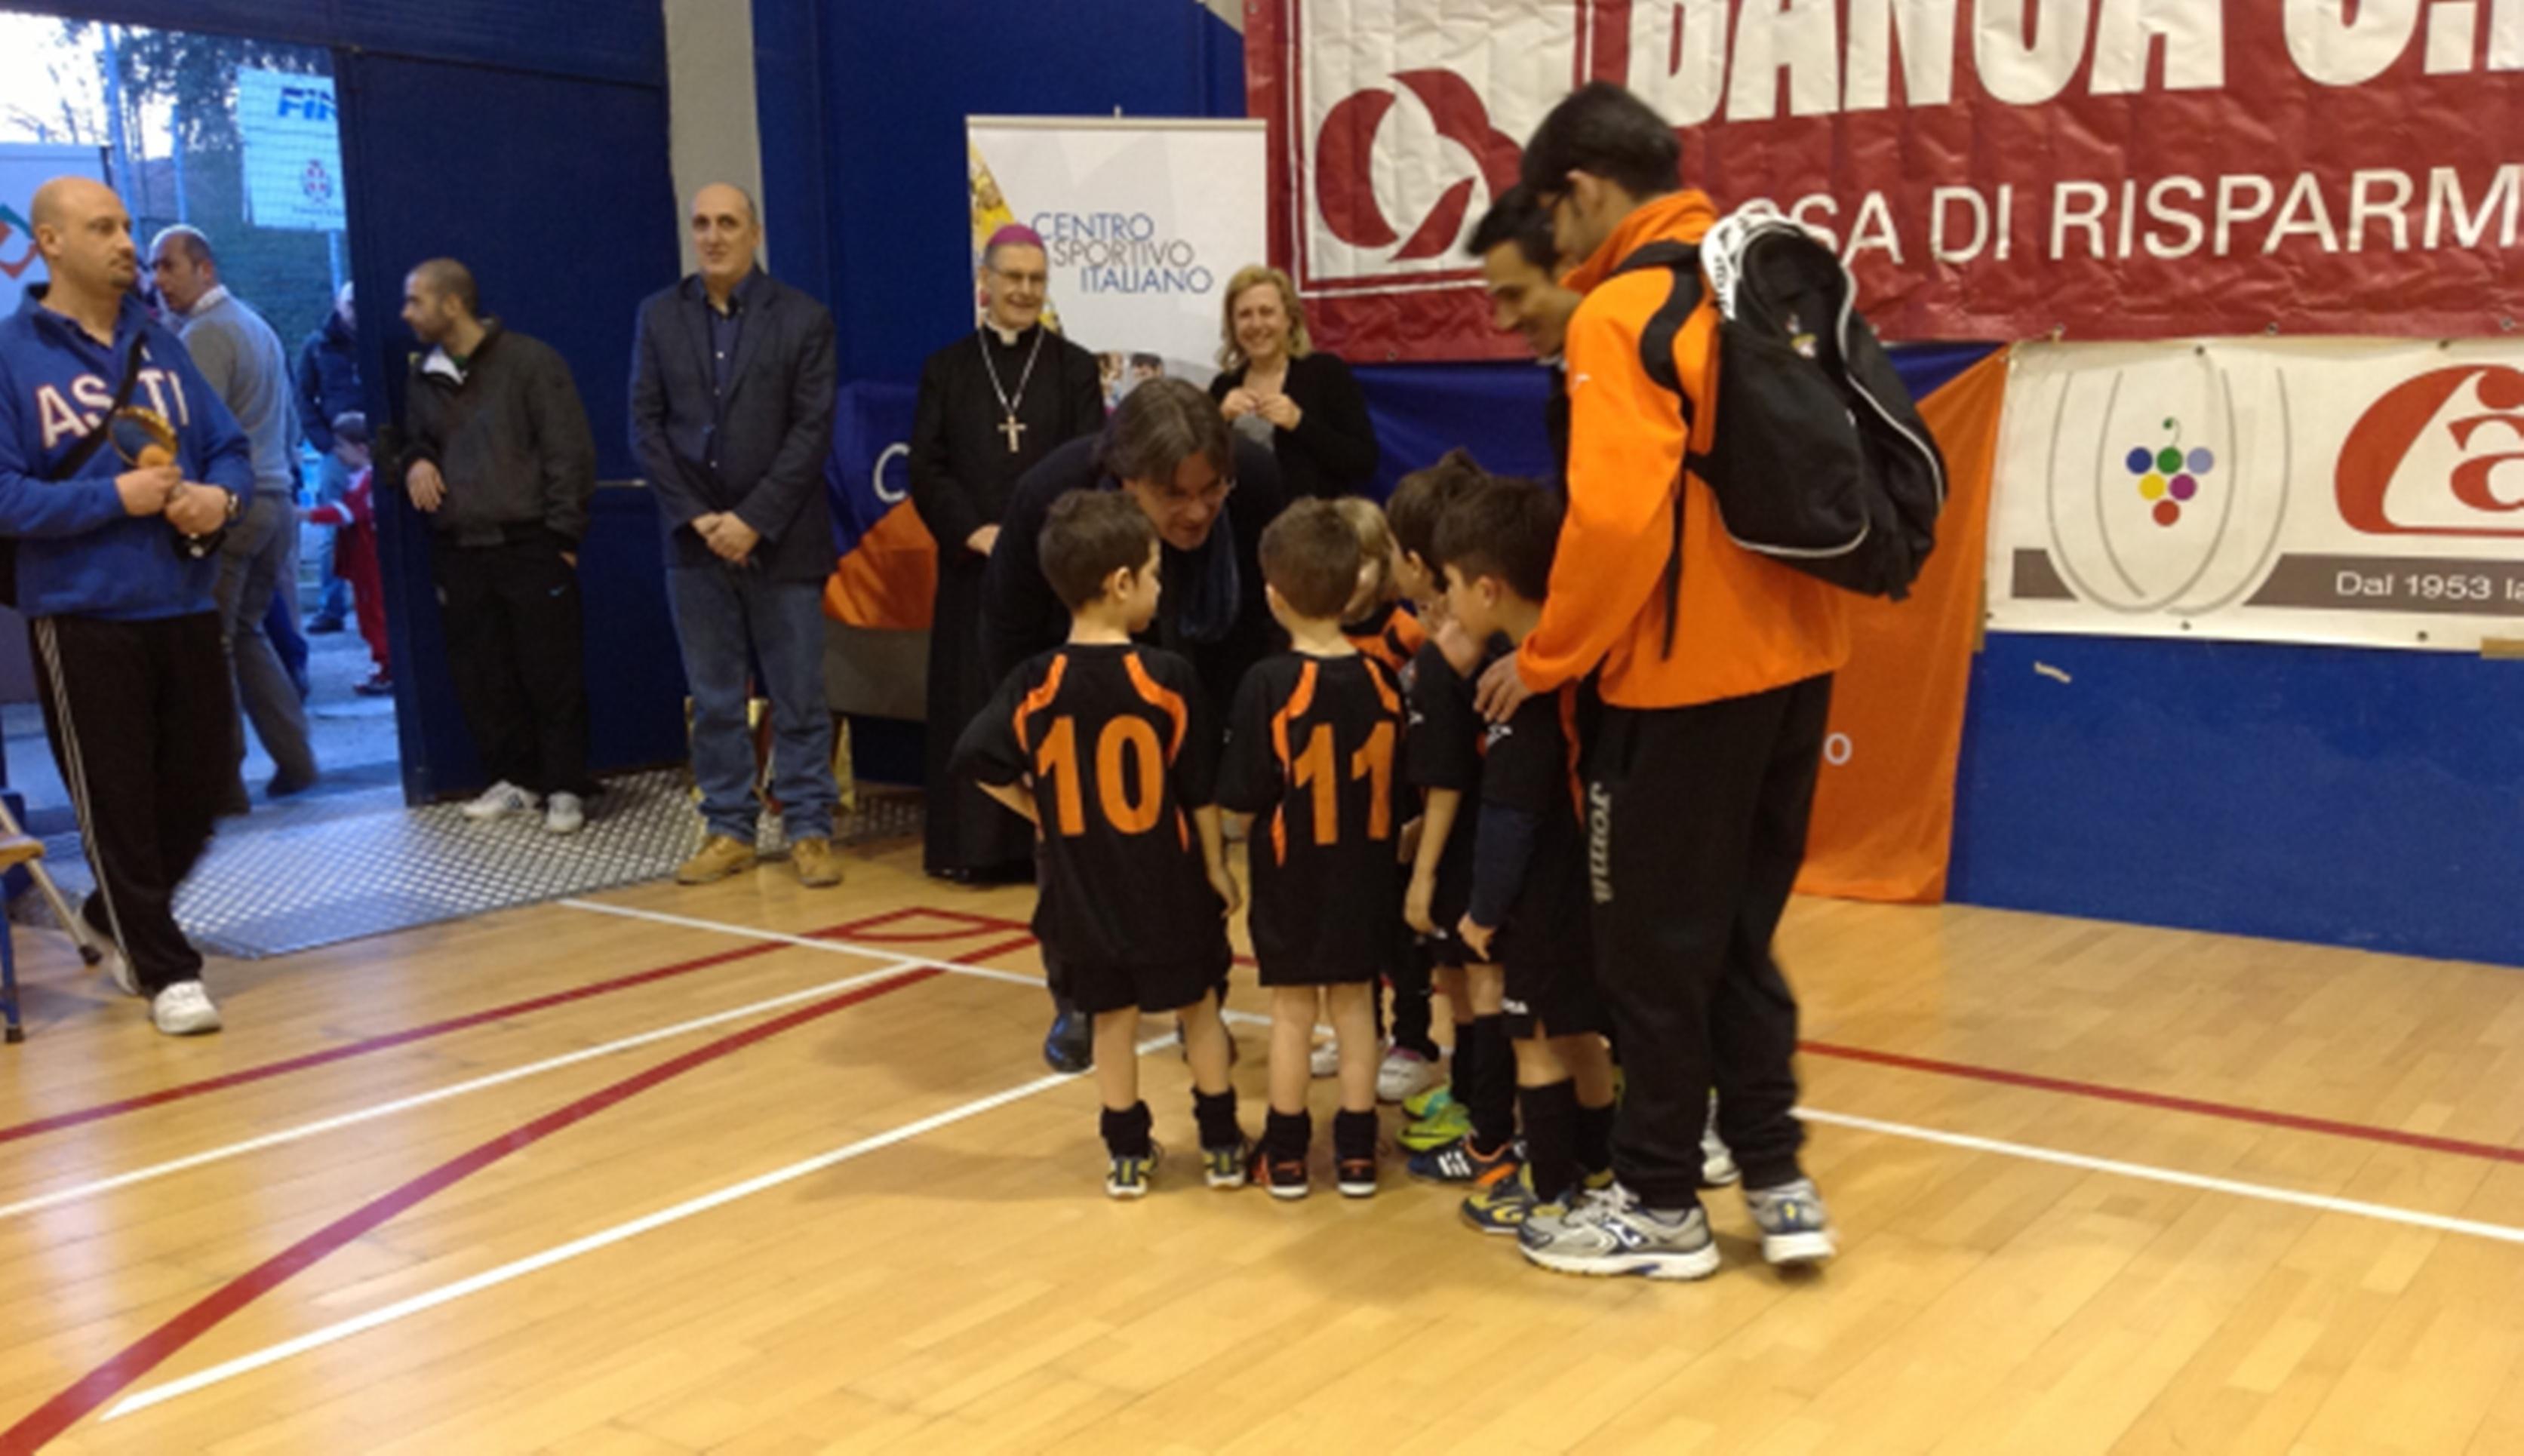 Calcio a 5: la San Giuseppe Marello vince tutte le sfide e conquista il titolo per il secondo anno consecutivo